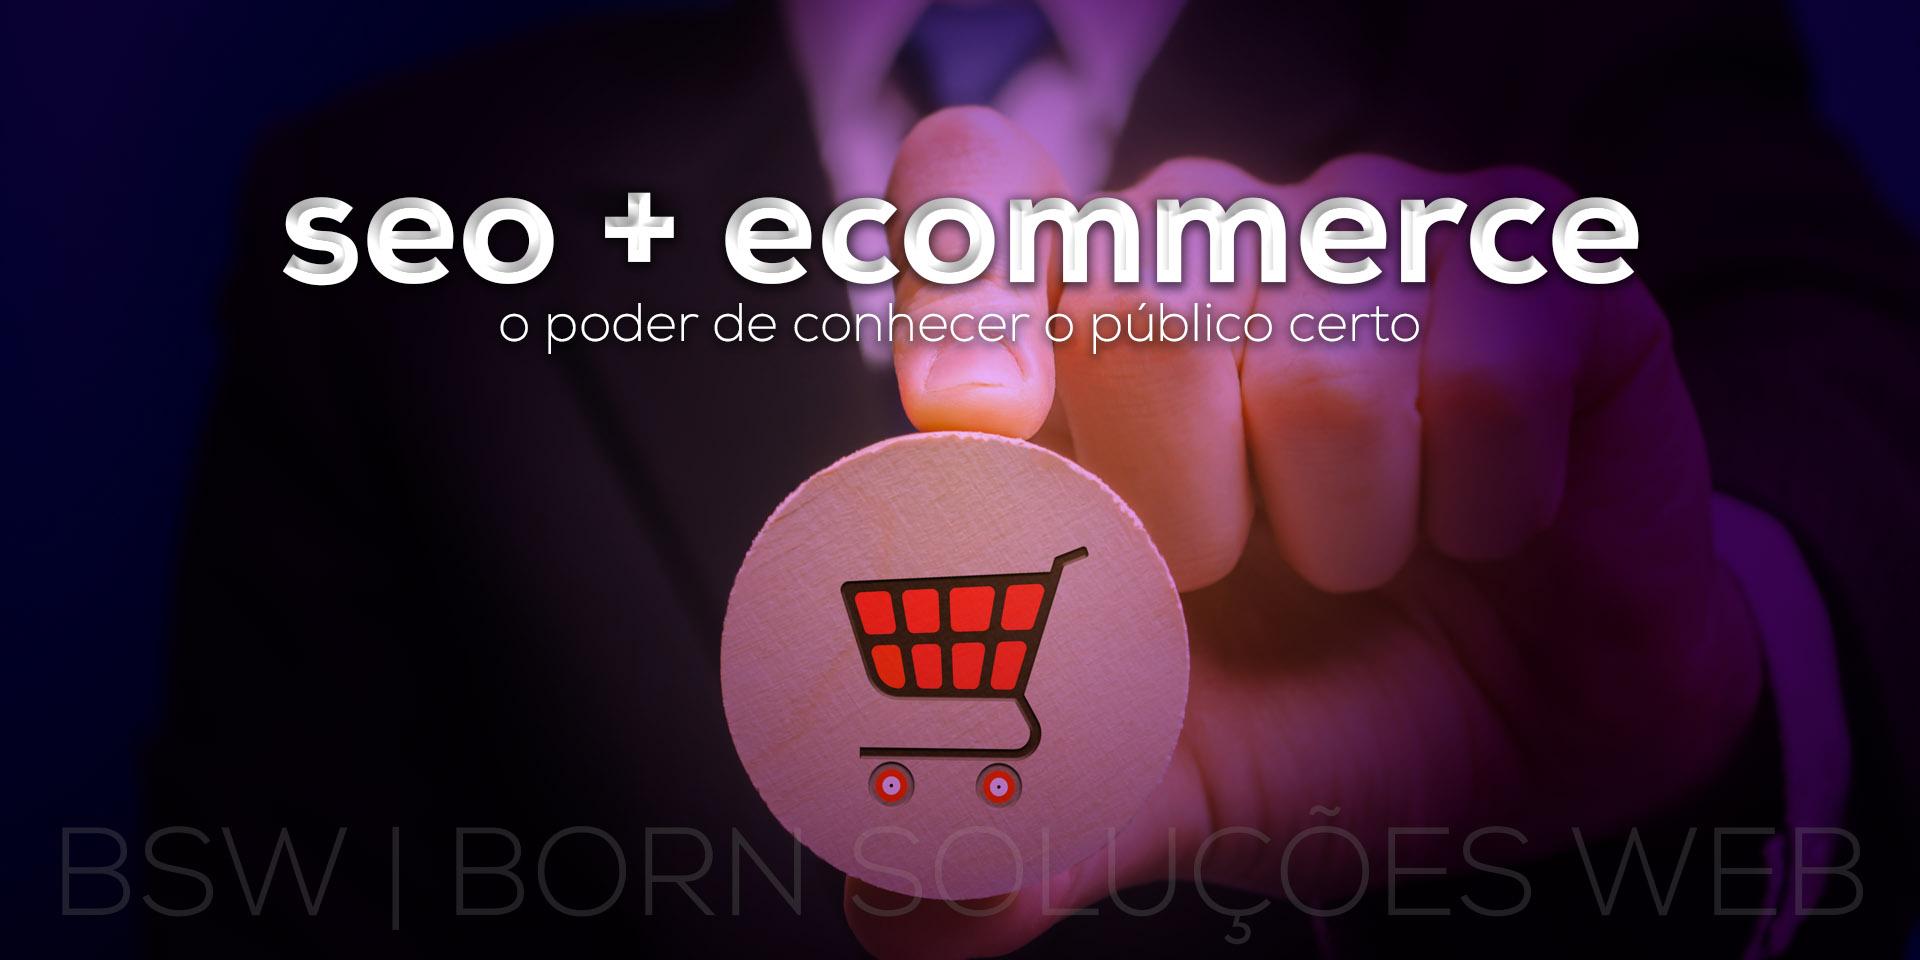 SEO + eCommerce - O poder de conhecer o público certo